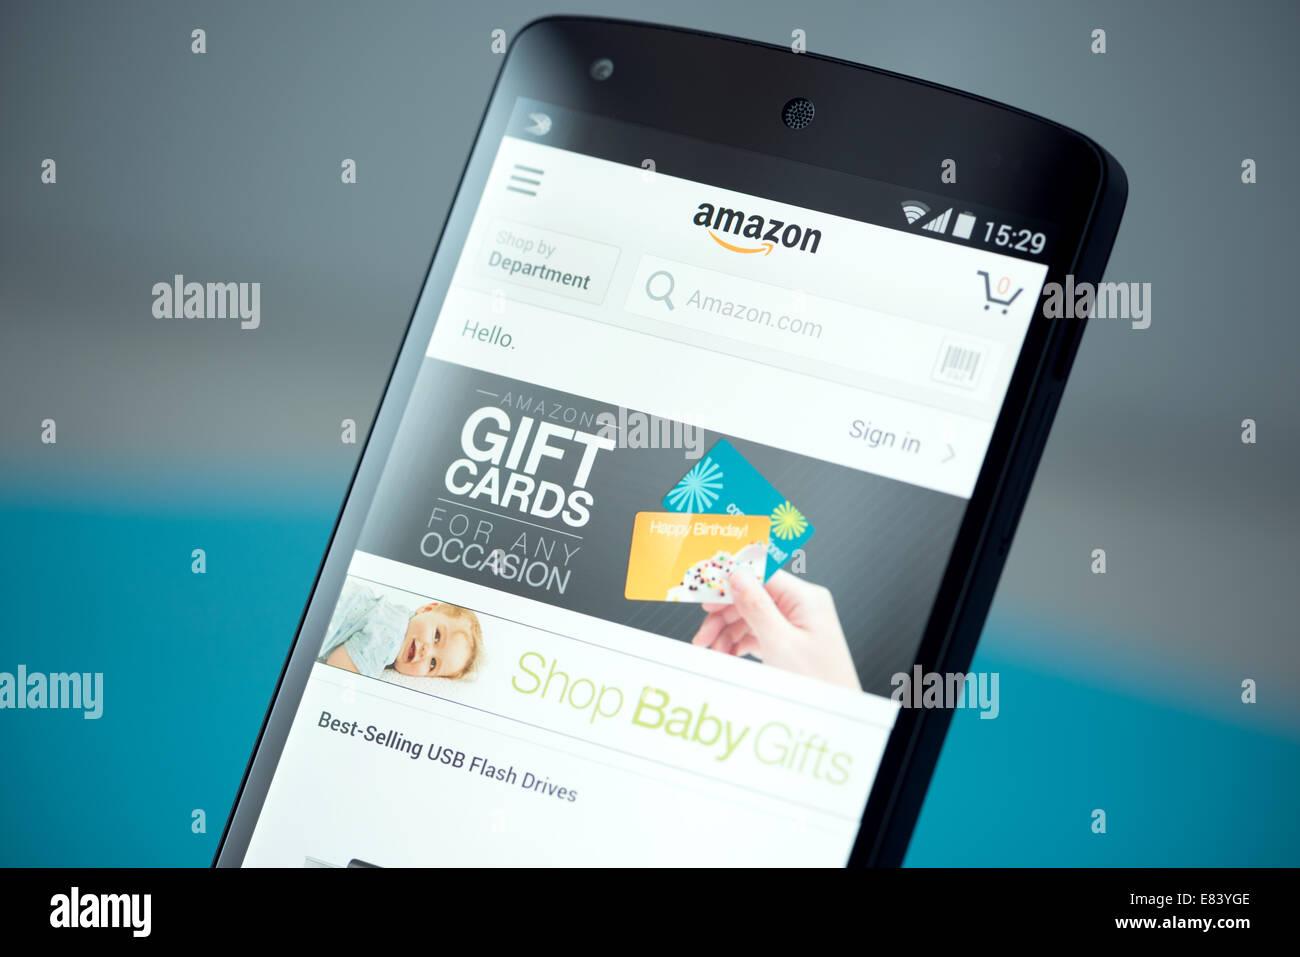 Clouse-up shot de nuevo Google Nexus 5, alimentado por la versión 4.4 de Android, con Amazon página del Imagen De Stock